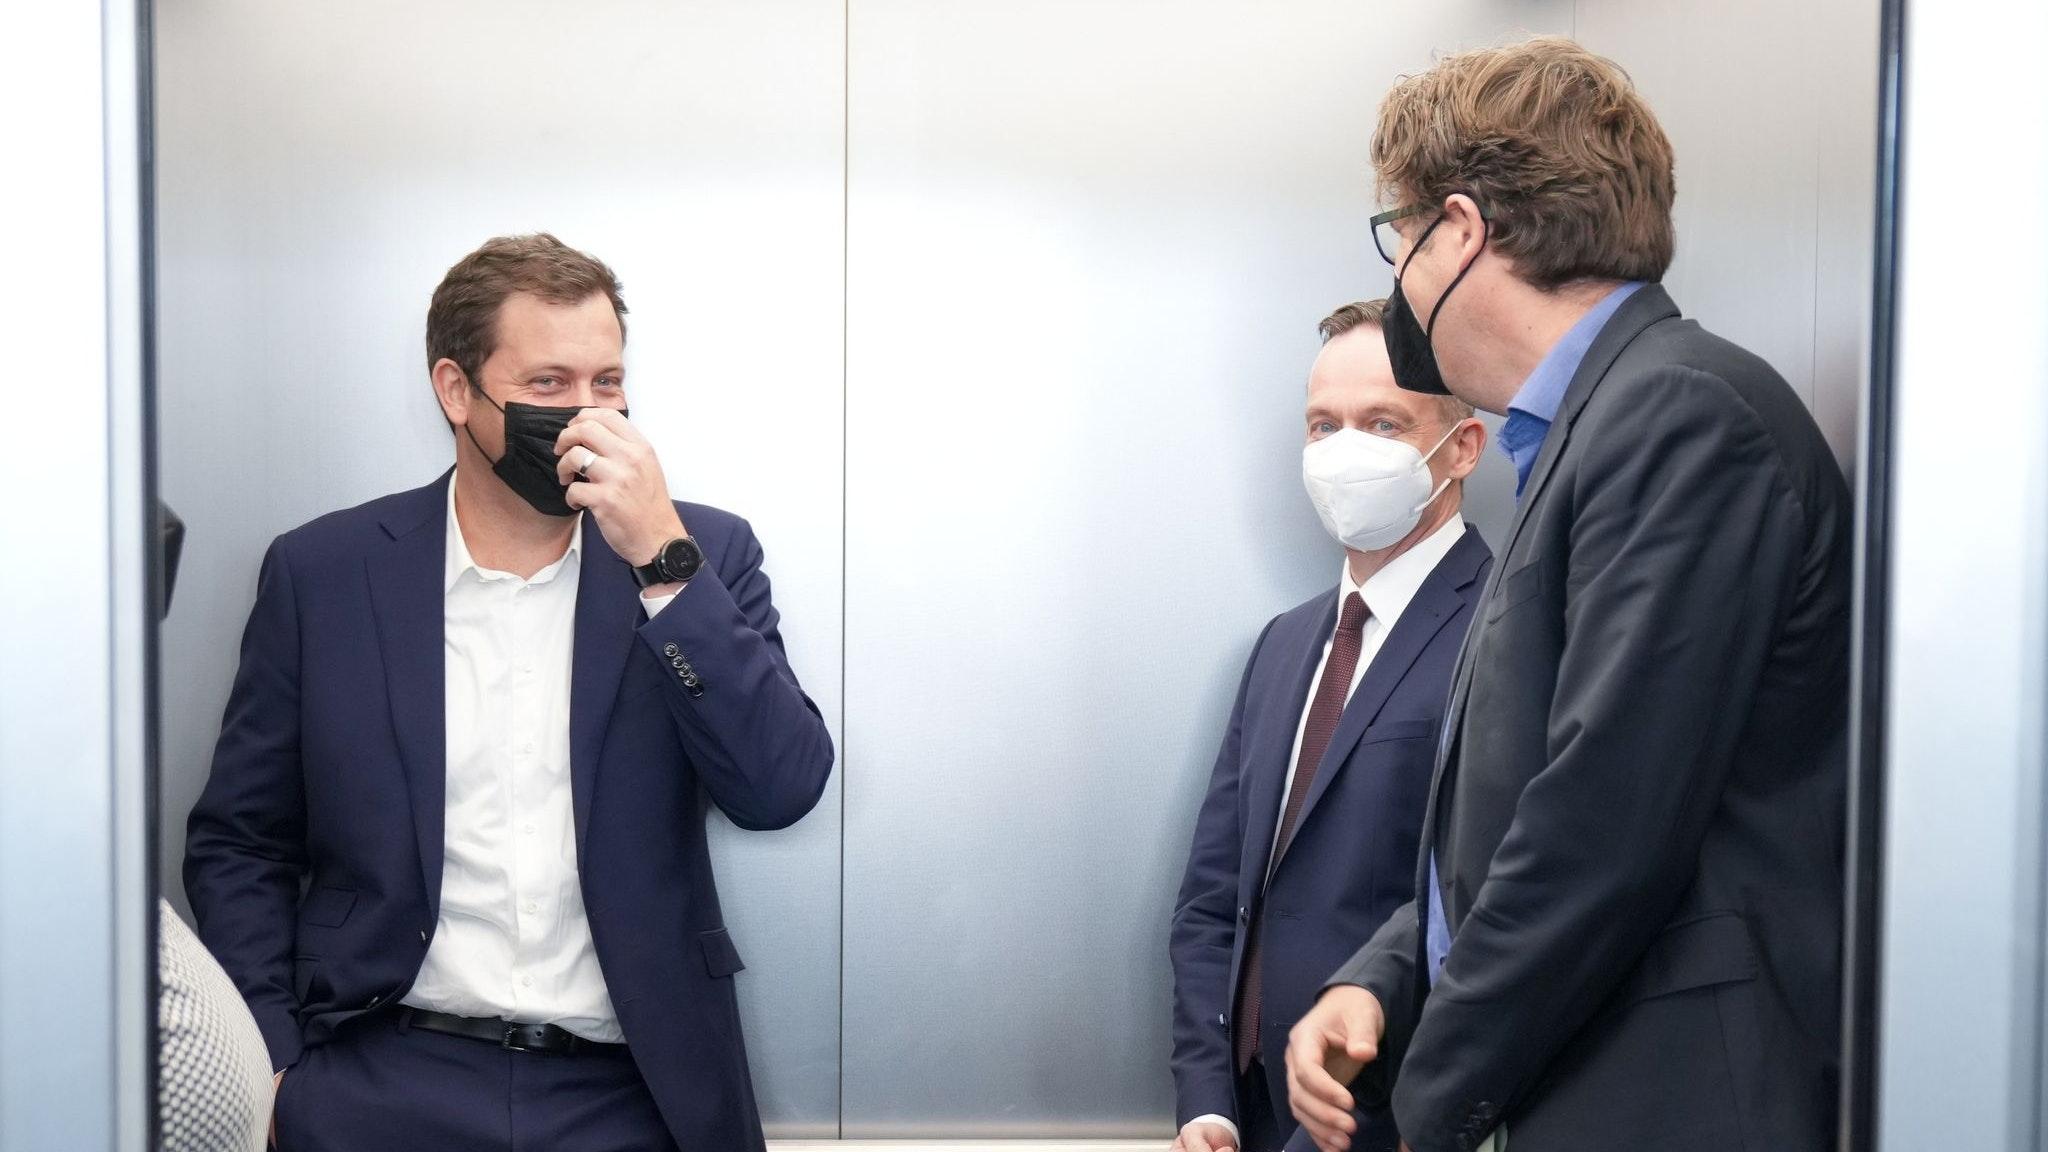 Sondierer:Lars Klingbeil (SPD, von links), Volker Wissing (FDP), und Michael Kellner (Grüne) nach einer Pressekonferenz. Die Gespräche über die Bildung einer Ampel-Koalition gehen in eine erste entscheidende Phase. Foto: Kay Nietfeld/dpa